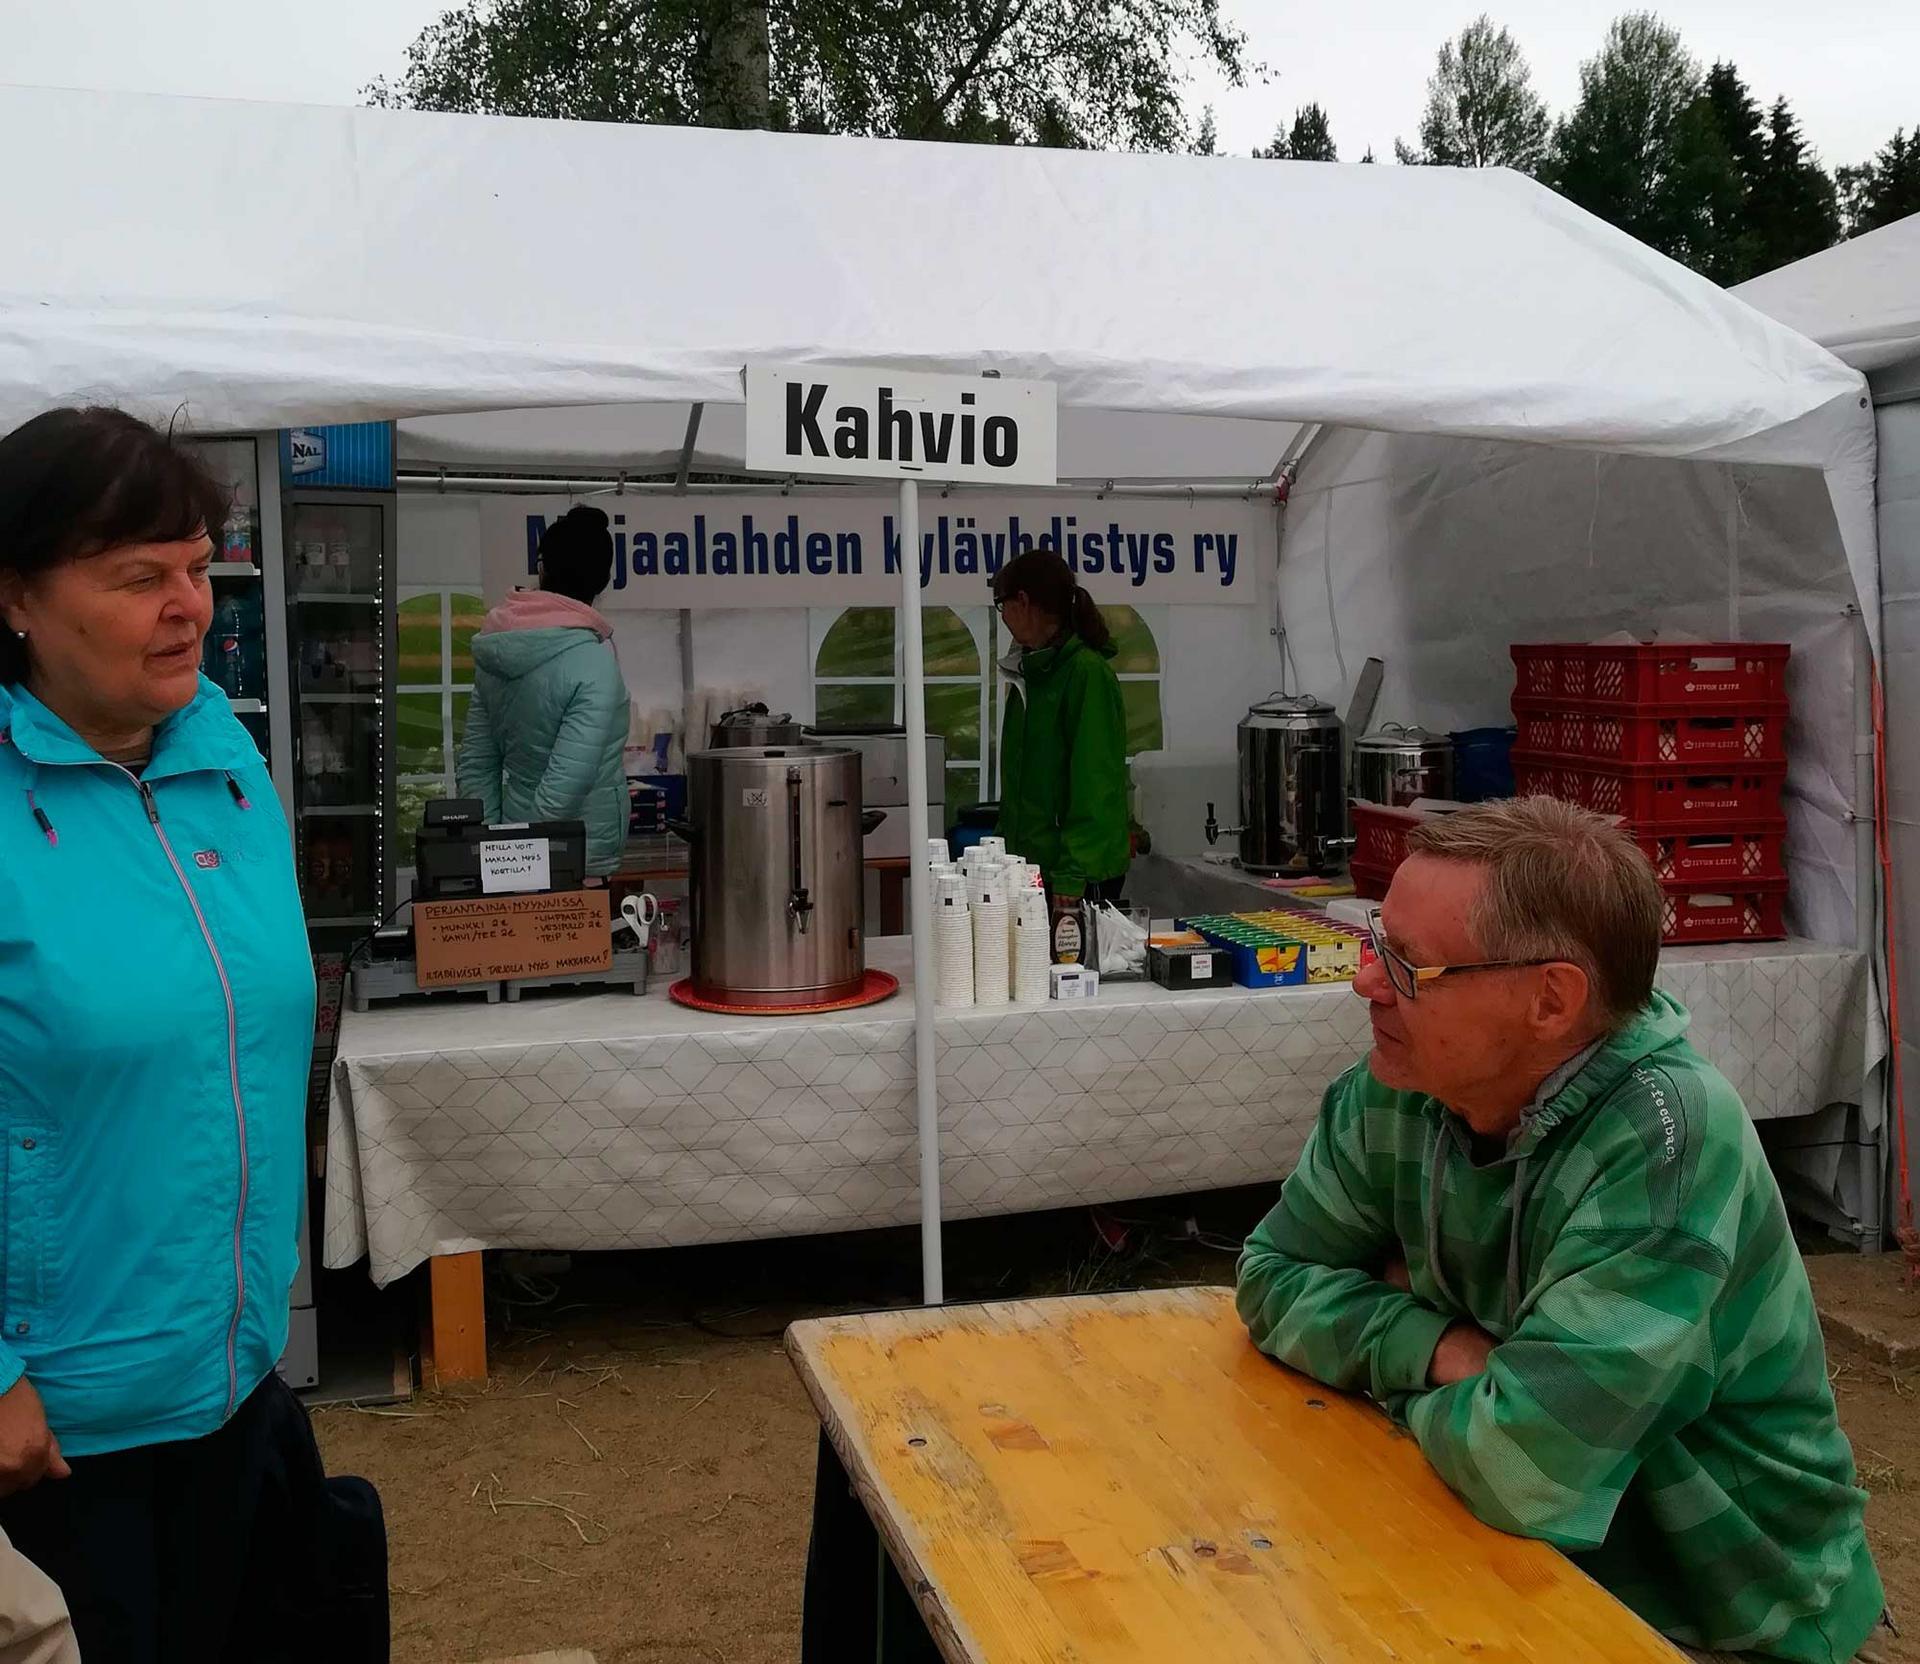 Majaalahden kyläyhdistyksellä oli kahvila Jukolan viestissä. Kahvilan tuotto kohensi ydistyksen taloutta.